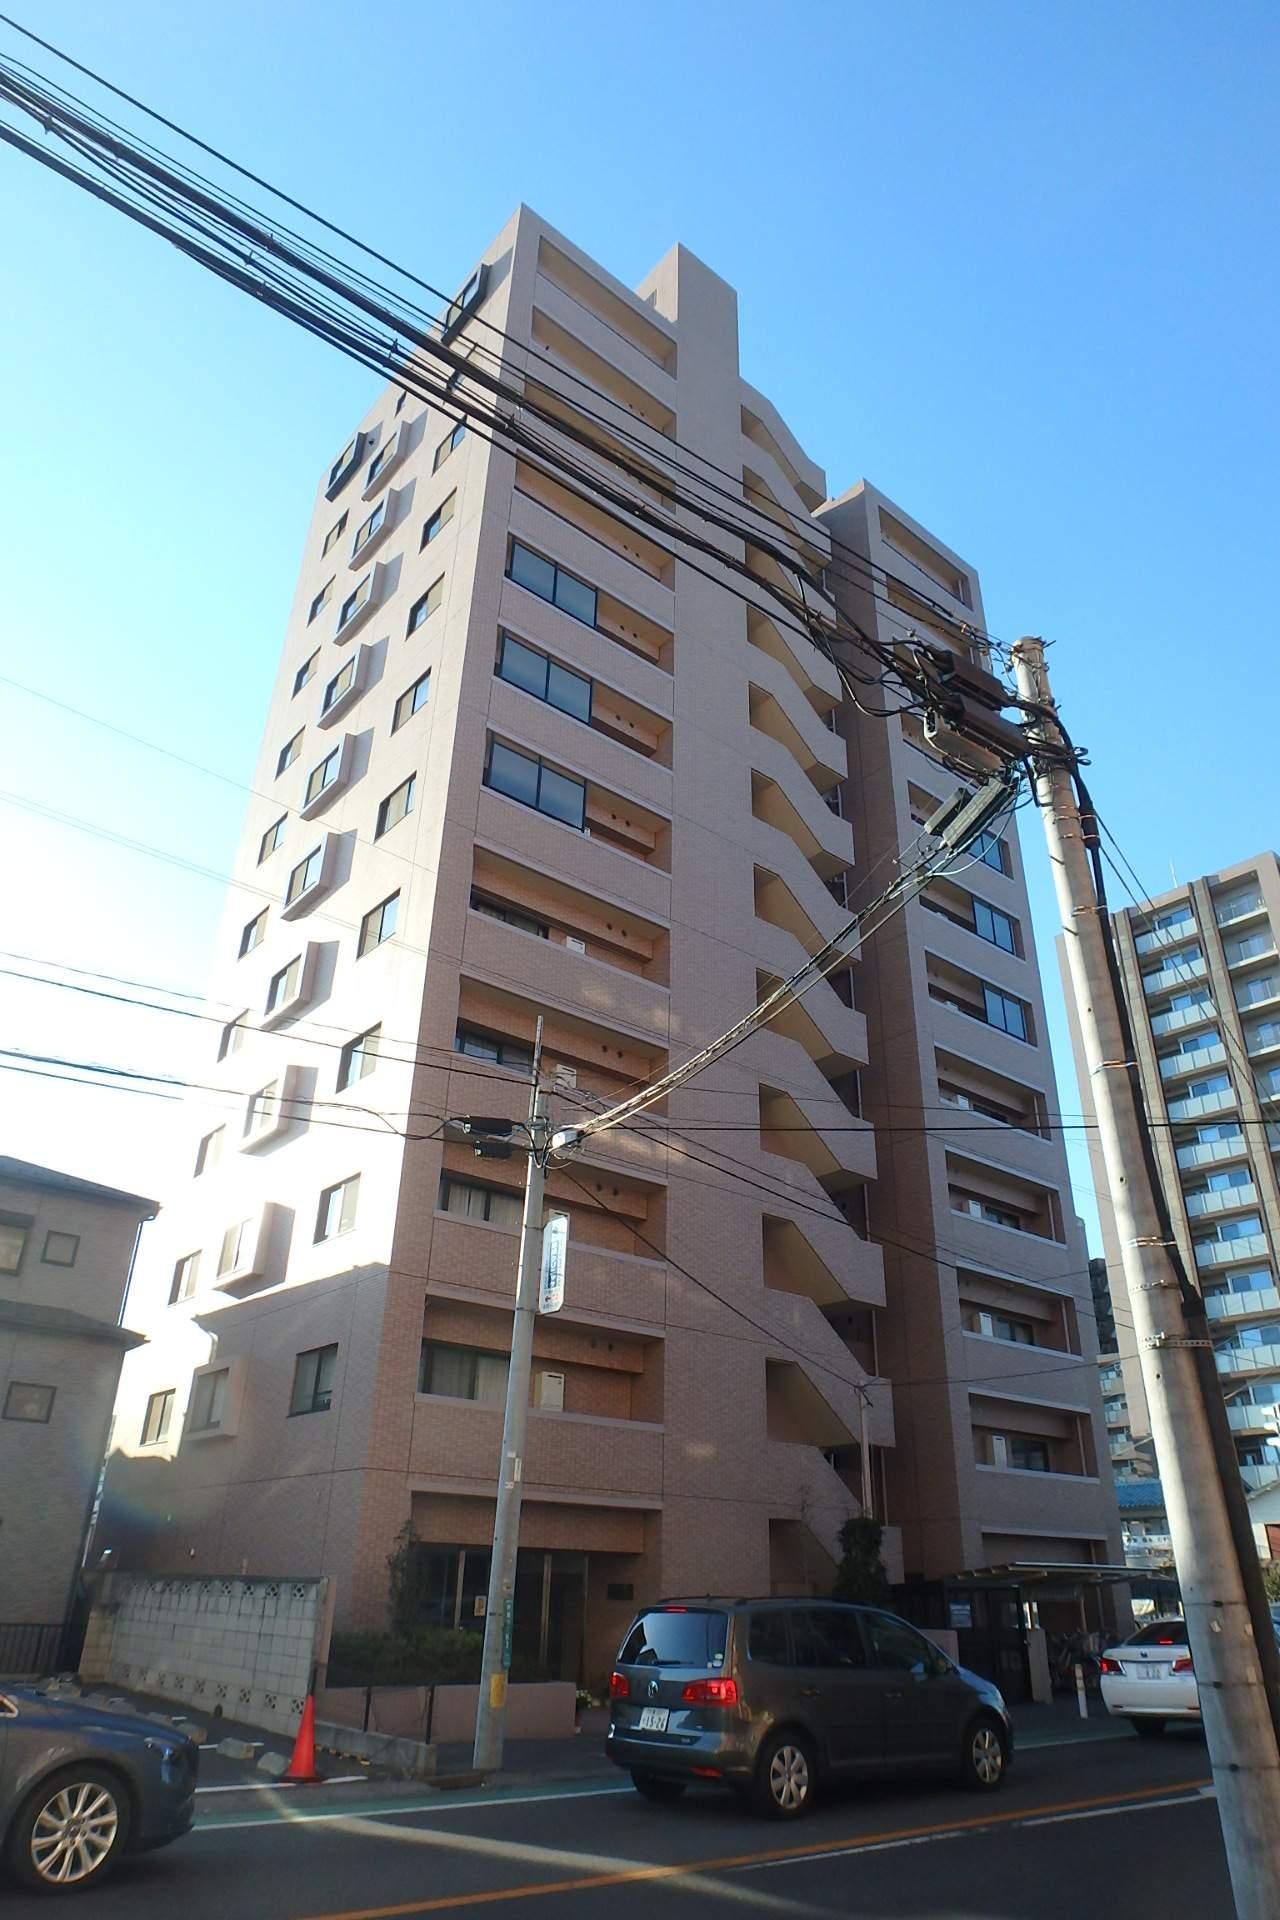 埼玉県さいたま市浦和区、南与野駅徒歩23分の築18年 12階建の賃貸マンション